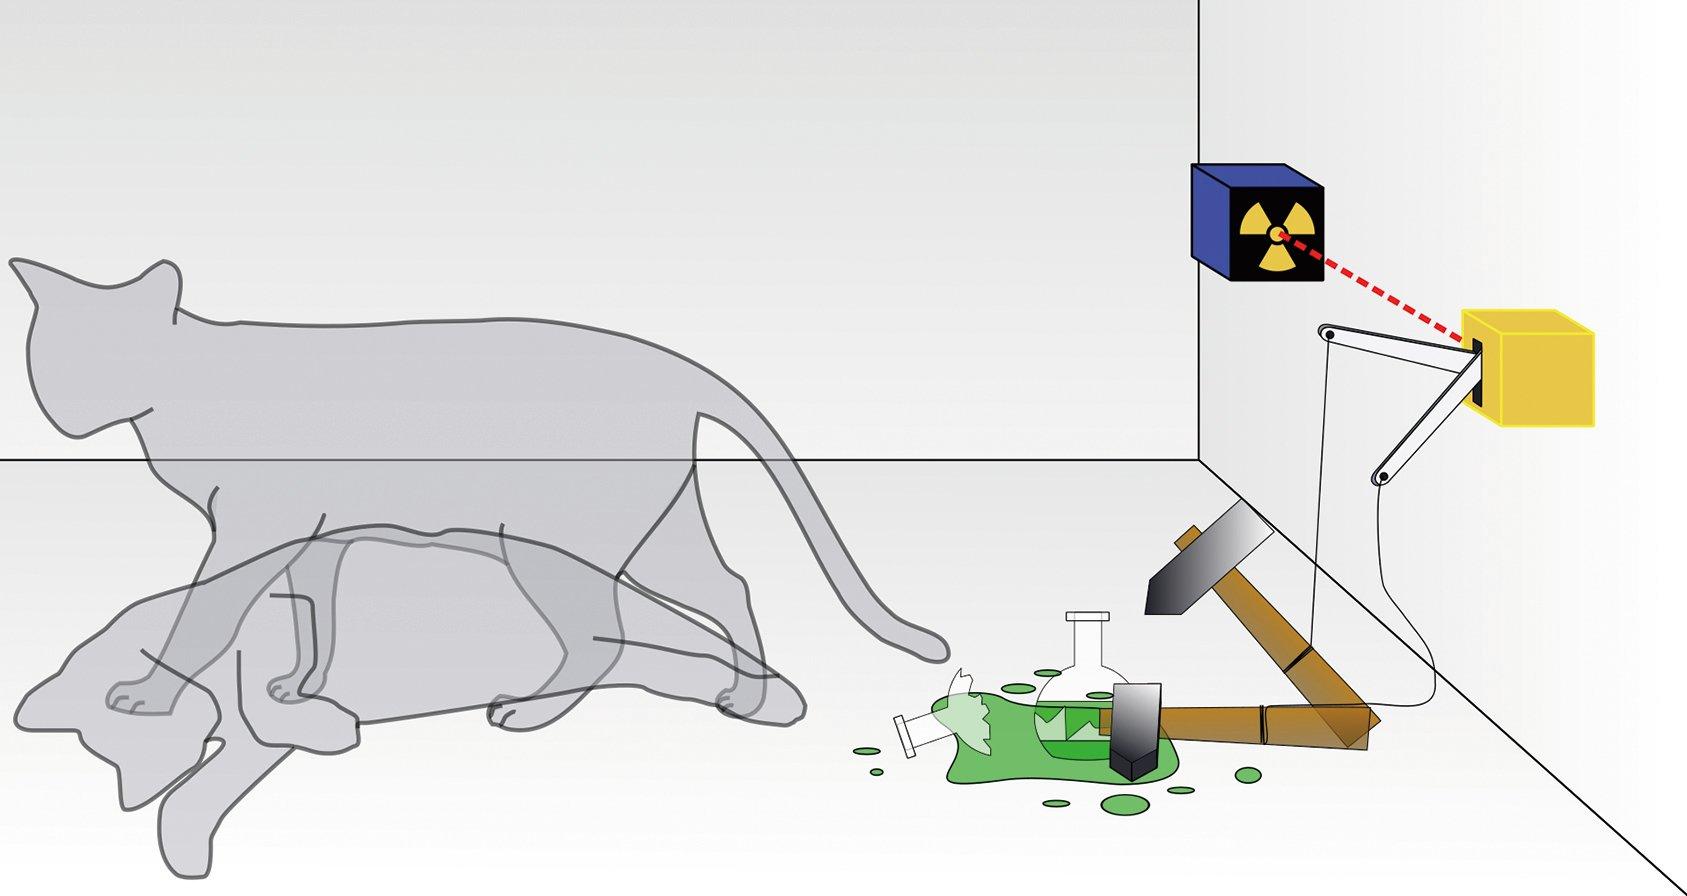 把一隻貓、一個裝有氰化氫氣體的玻璃燒瓶和放射性物質放進封閉的盒子裏。當盒子內的監控器偵測到衰變粒子時,就會打破燒瓶,殺死這隻貓。根據量子力學的哥本哈根詮釋,在實驗進行一段時間後,貓會處於又活又死的疊加態。(維基百科)